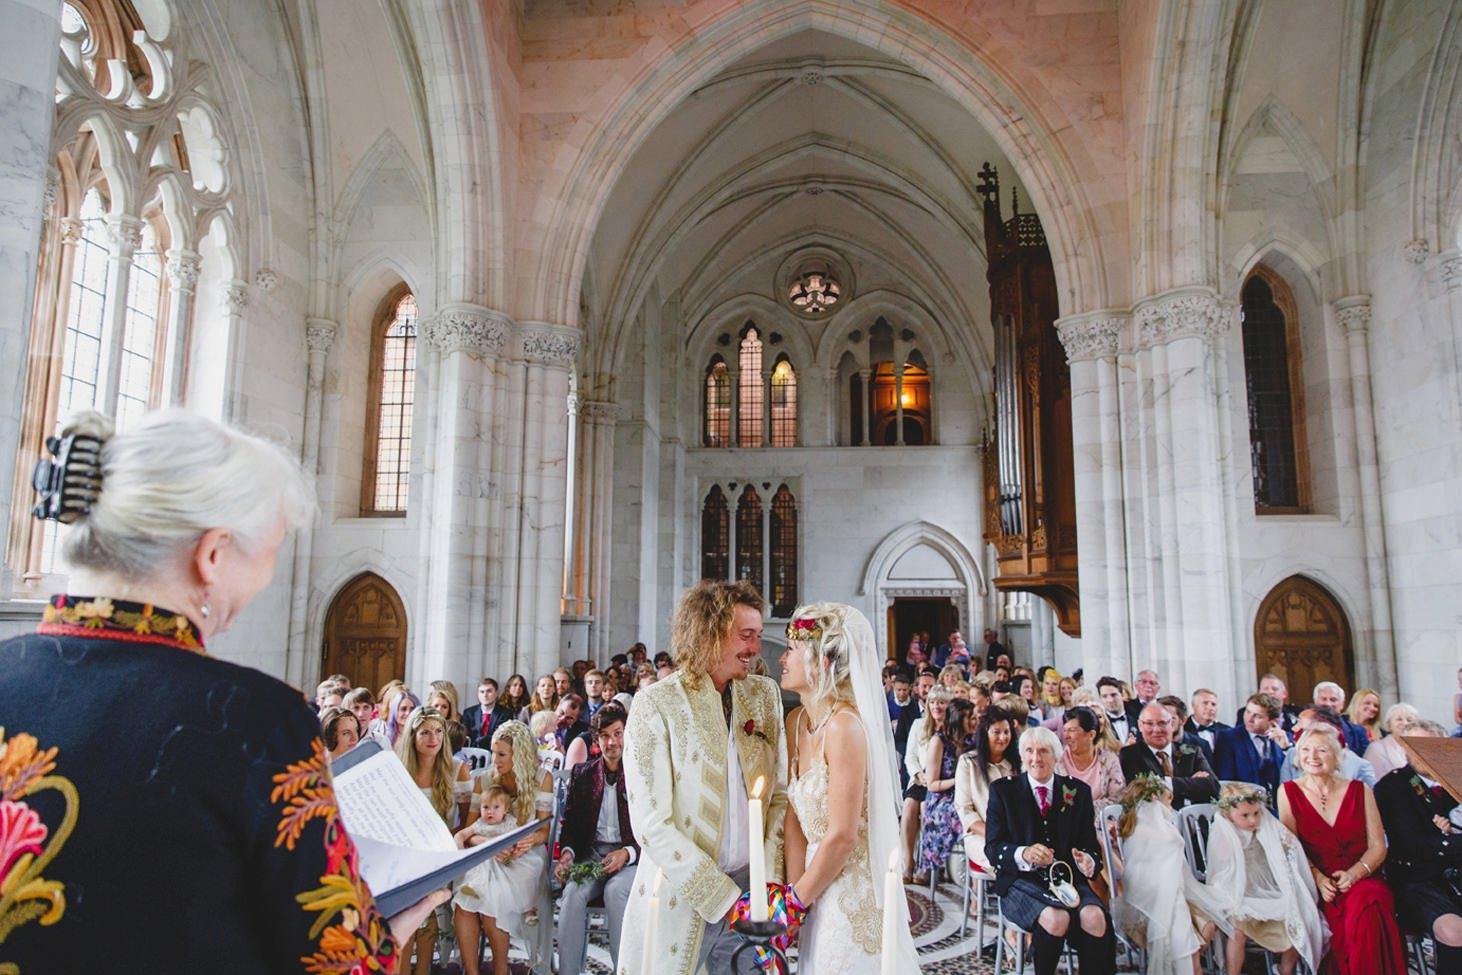 mount stuart wedding photography wedding ceremony